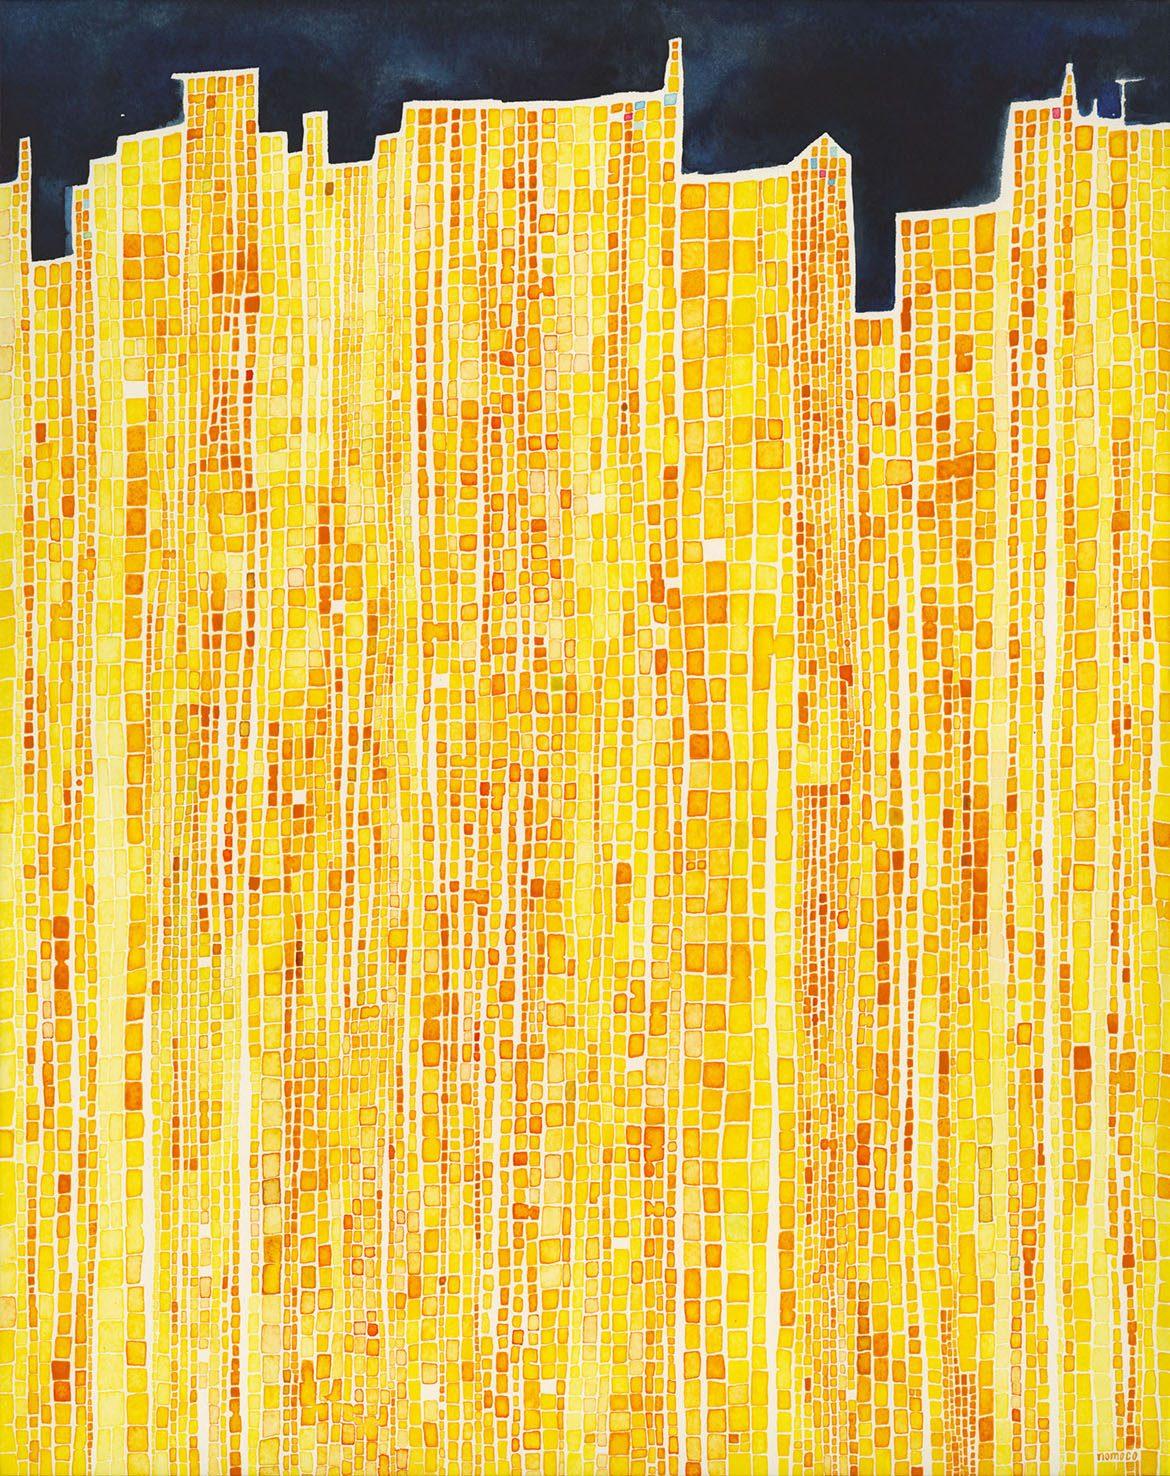 NOM-NIGHT-FULL-1-1170x1476.jpg